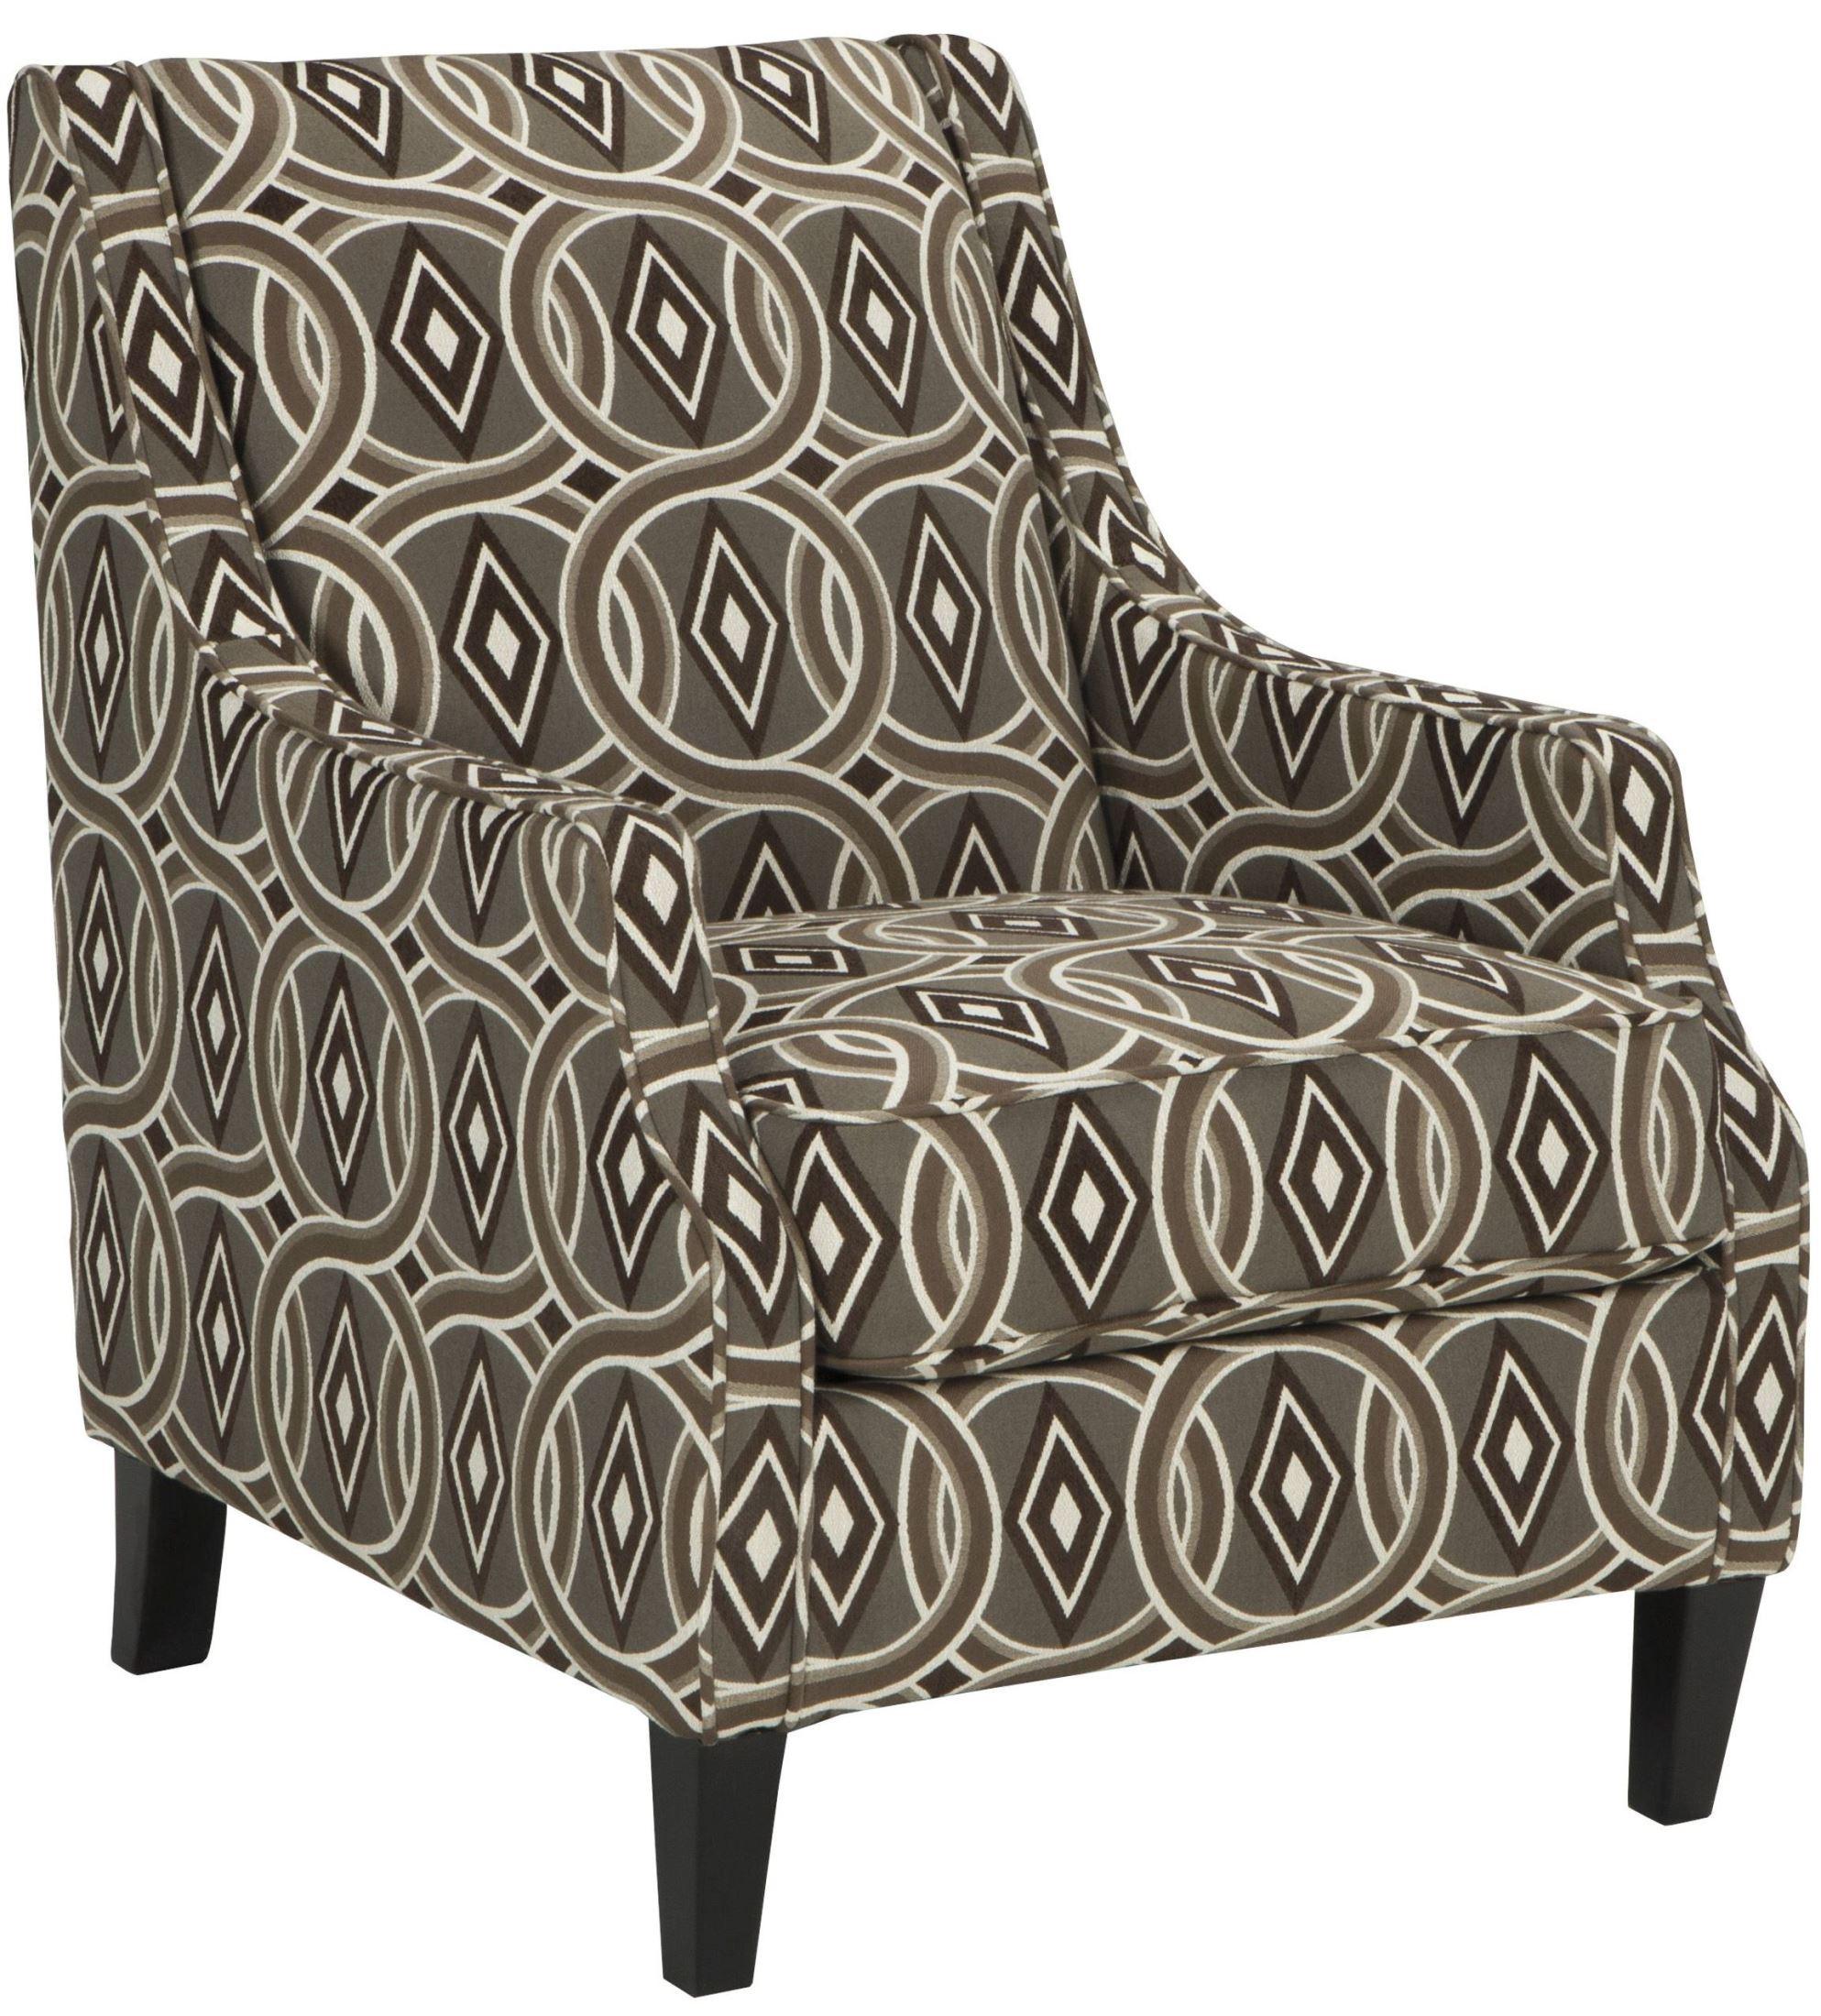 Bernat Linen Accent Chair from Ashley